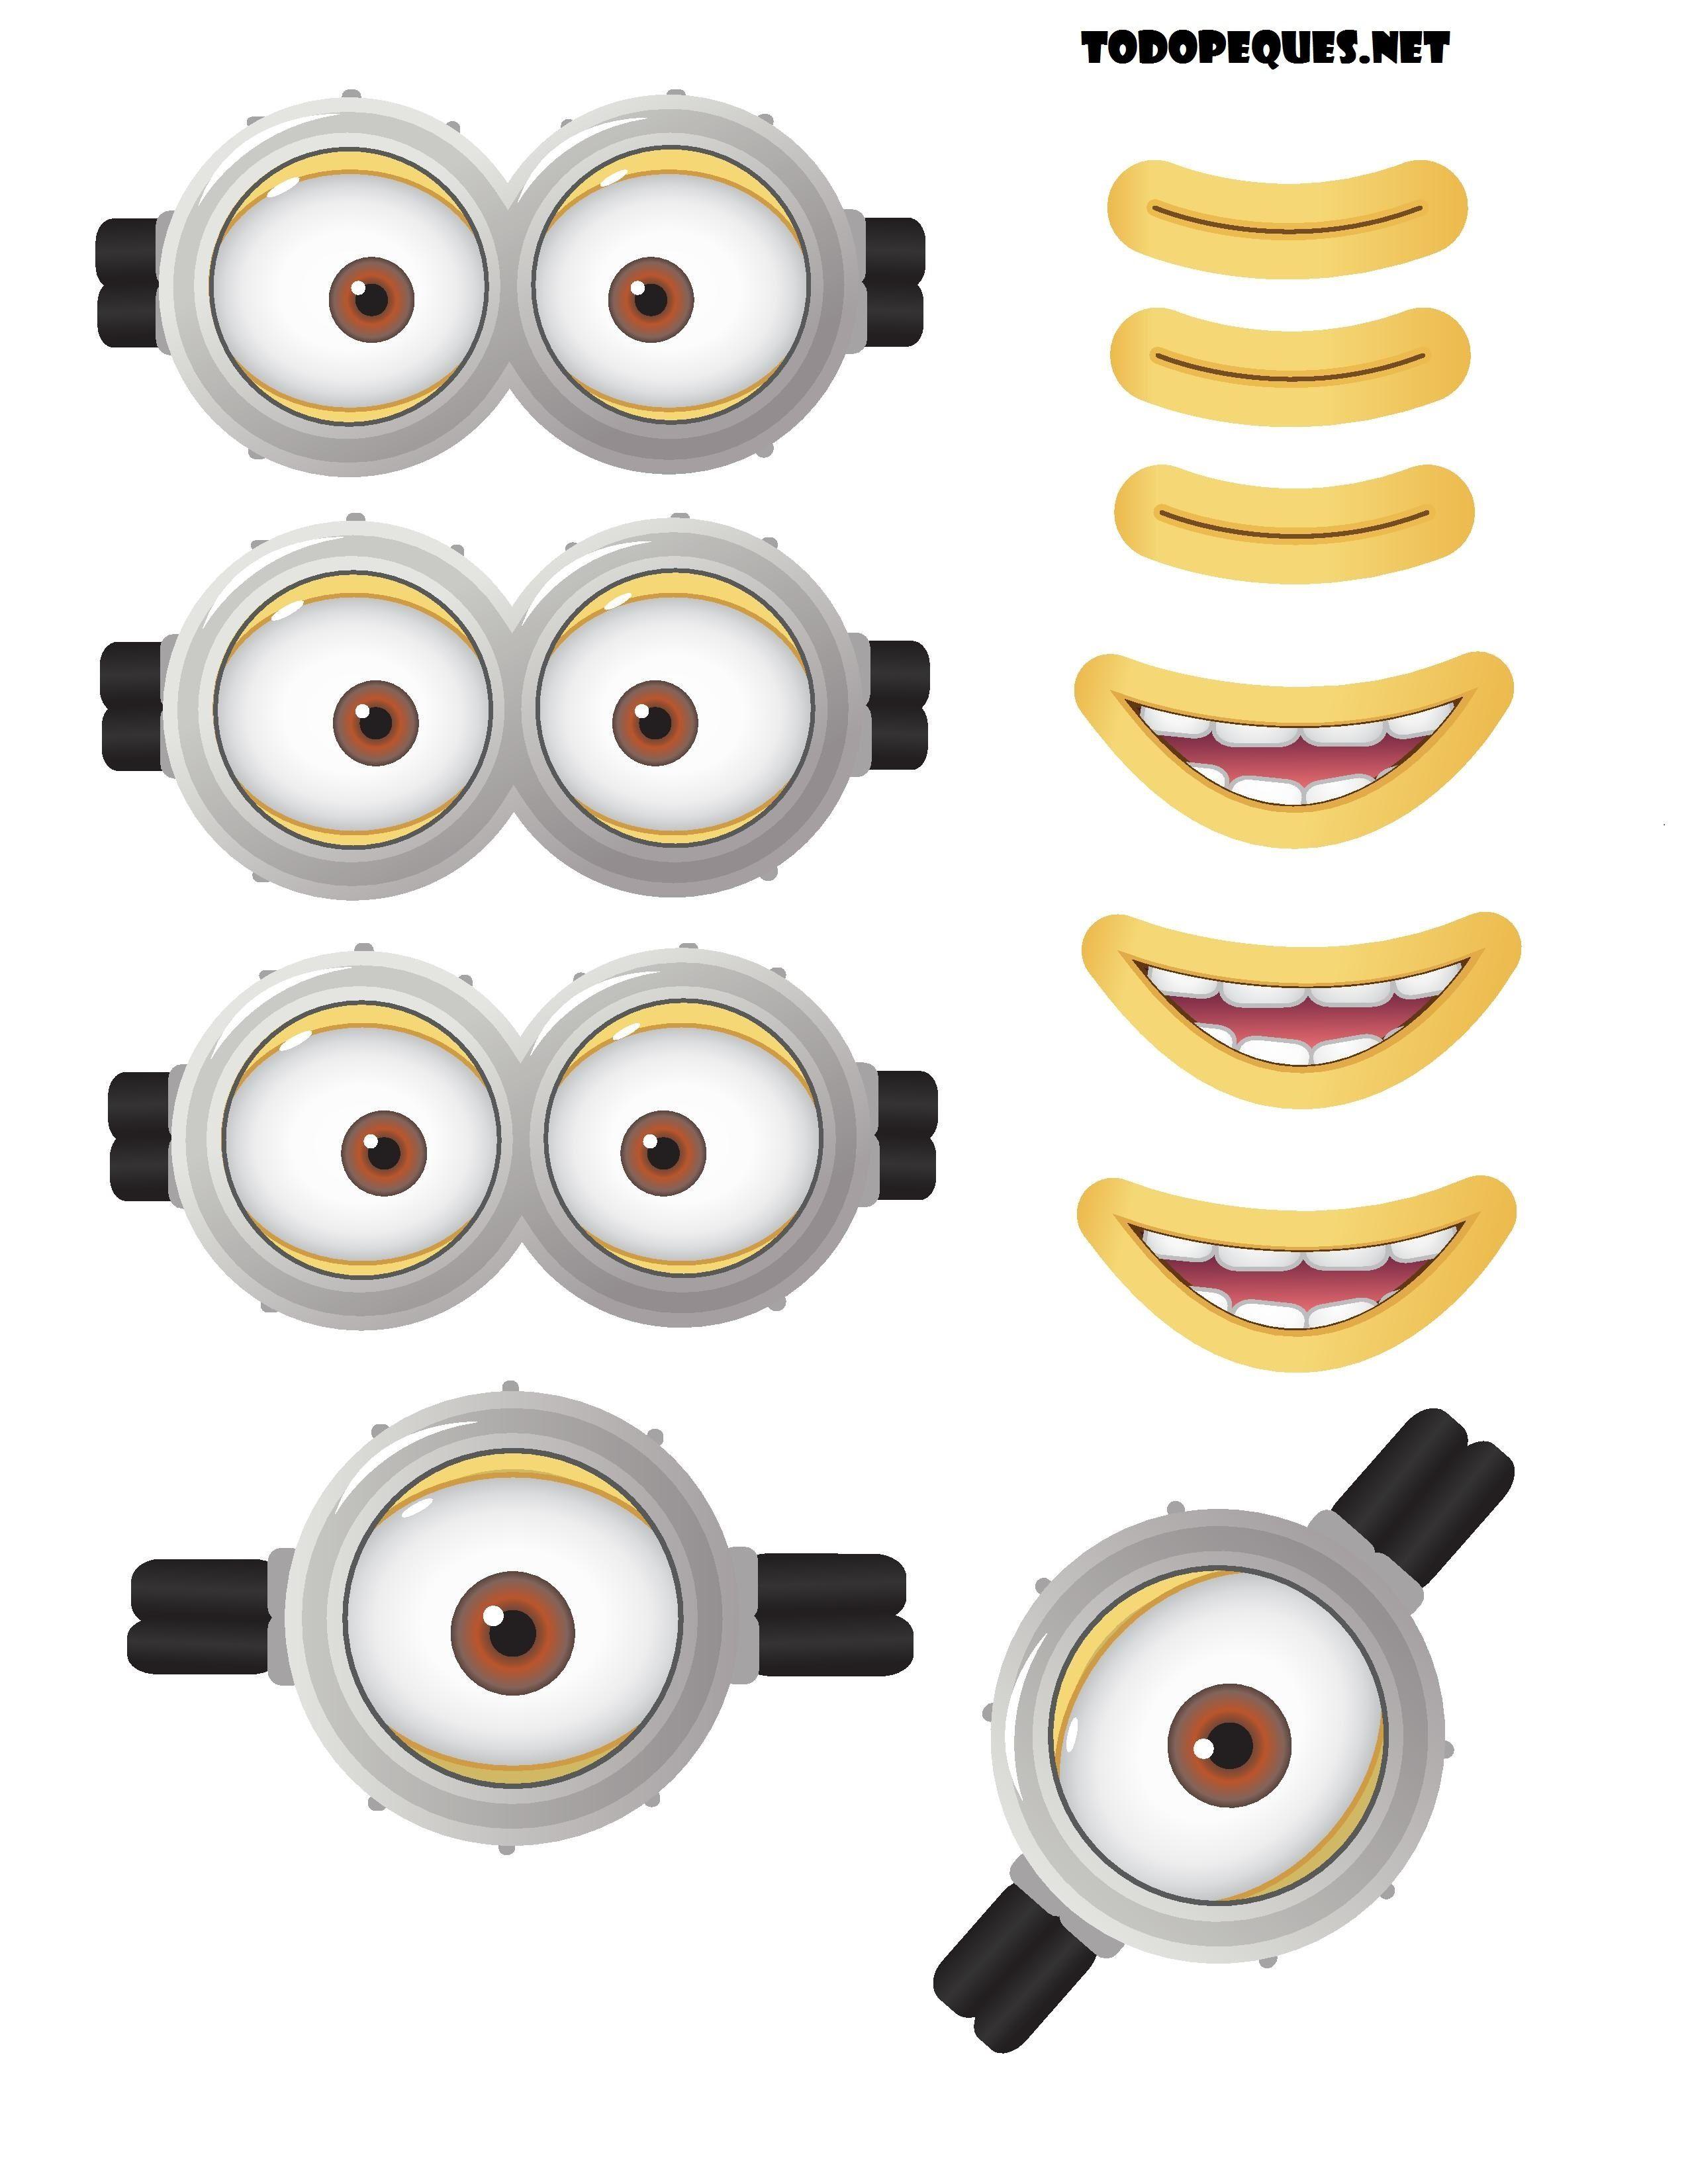 Moldes de ojos y bocas de Minions para imprimir gratis | Minions ...